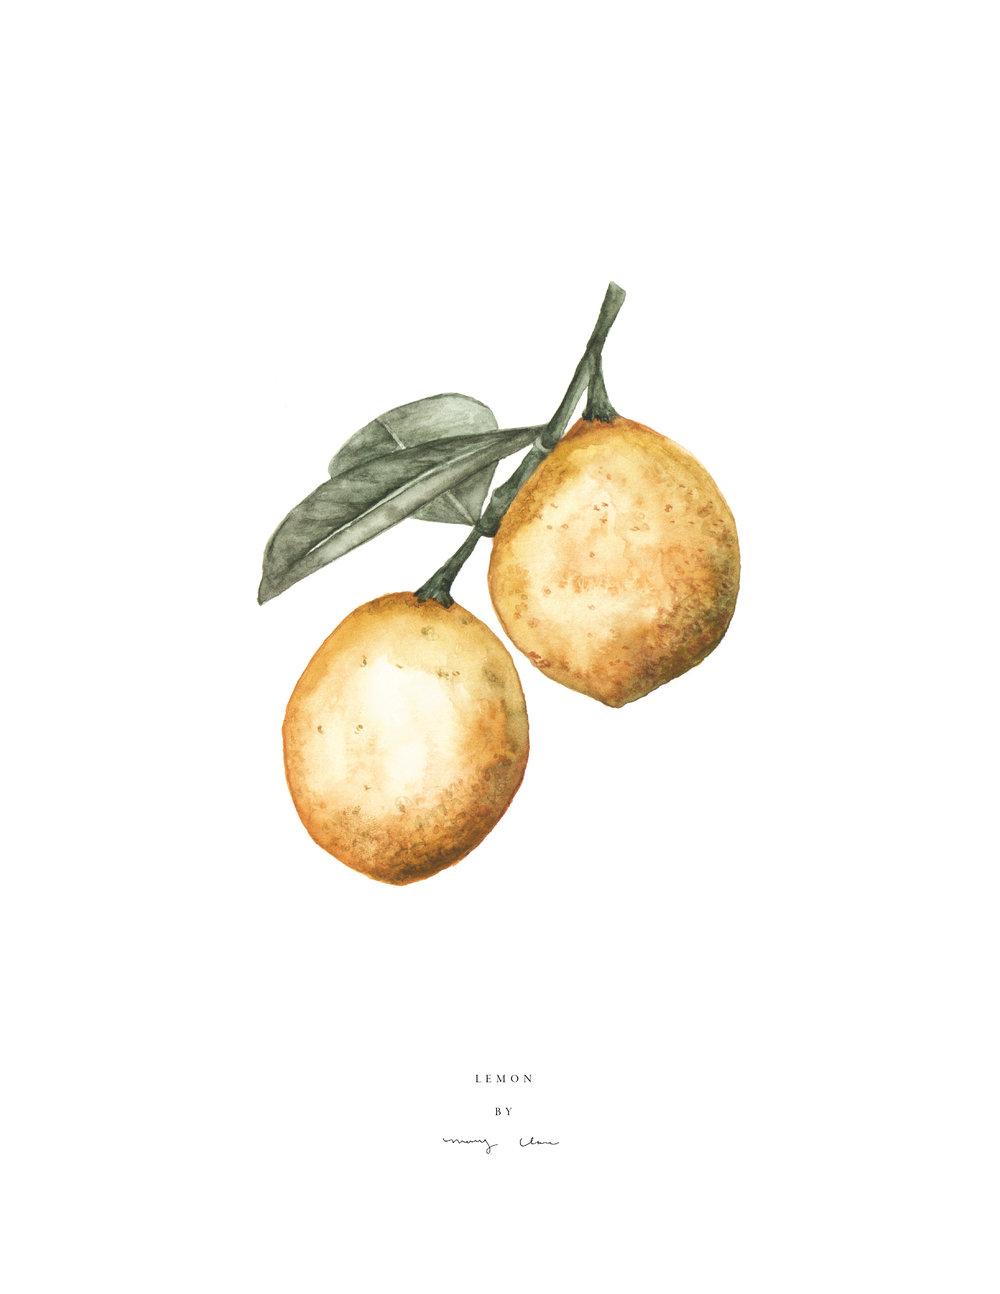 Lemon-maryclarewilkie-01.jpg